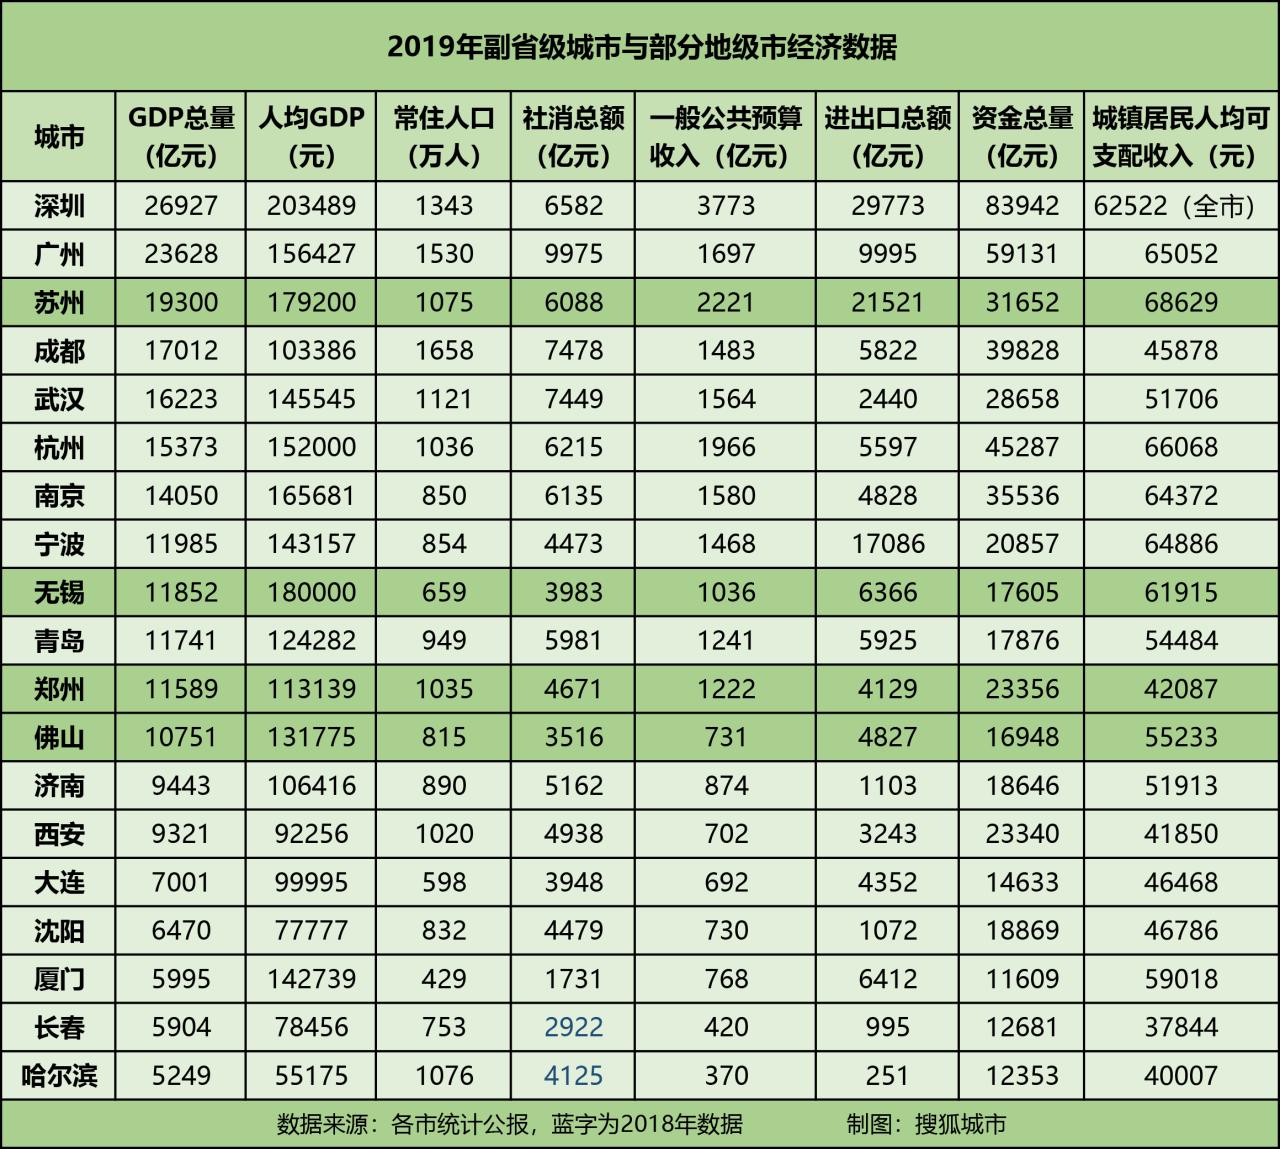 河南向郑州下放部分省级权限,是郑州升格副省级城市的前奏吗?插图(2)